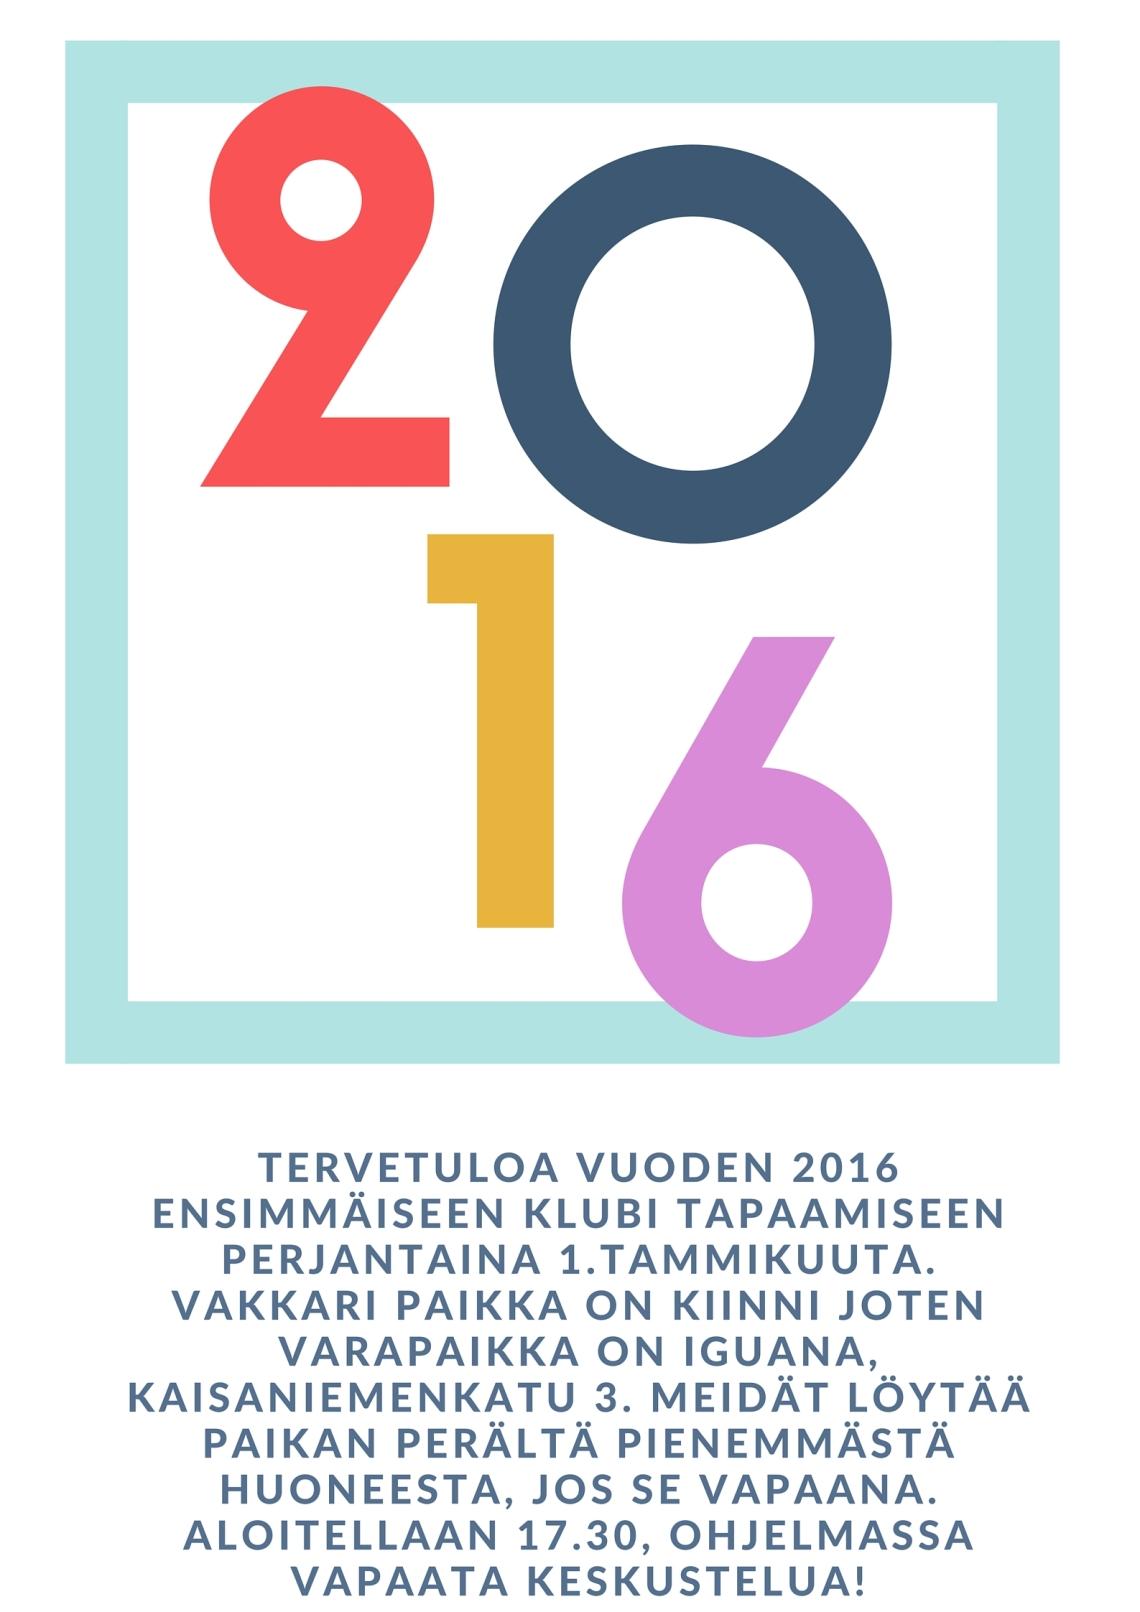 Tervetuloa_vuoden_2016